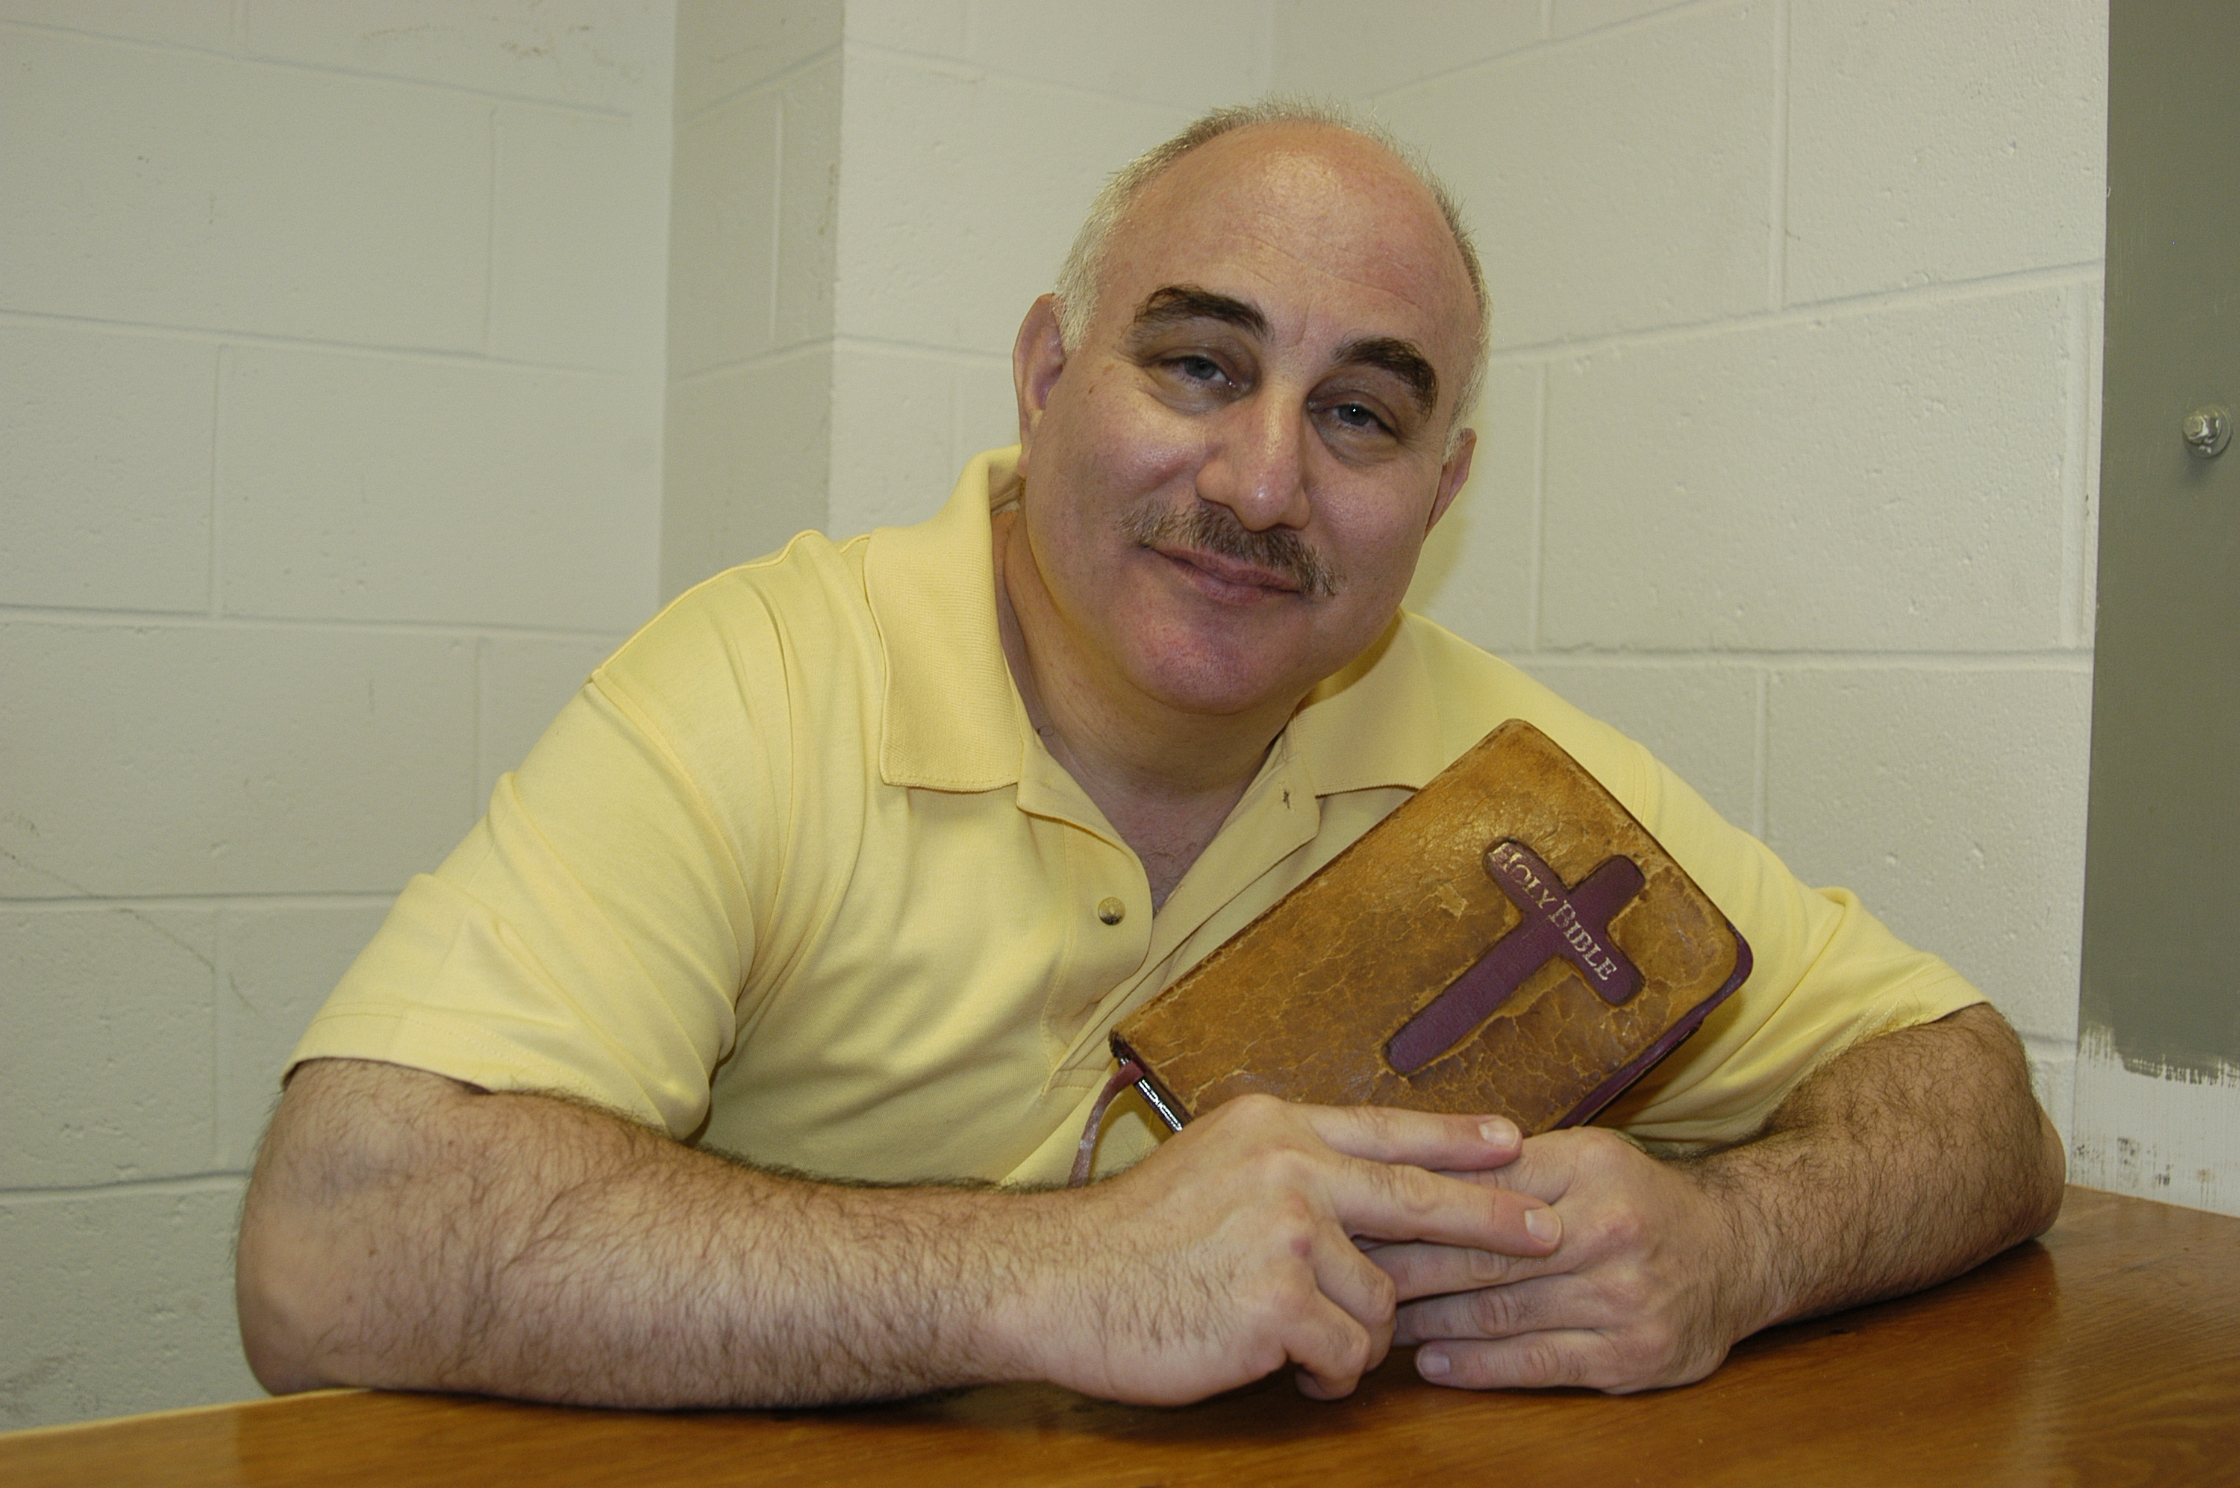 david b holding bible